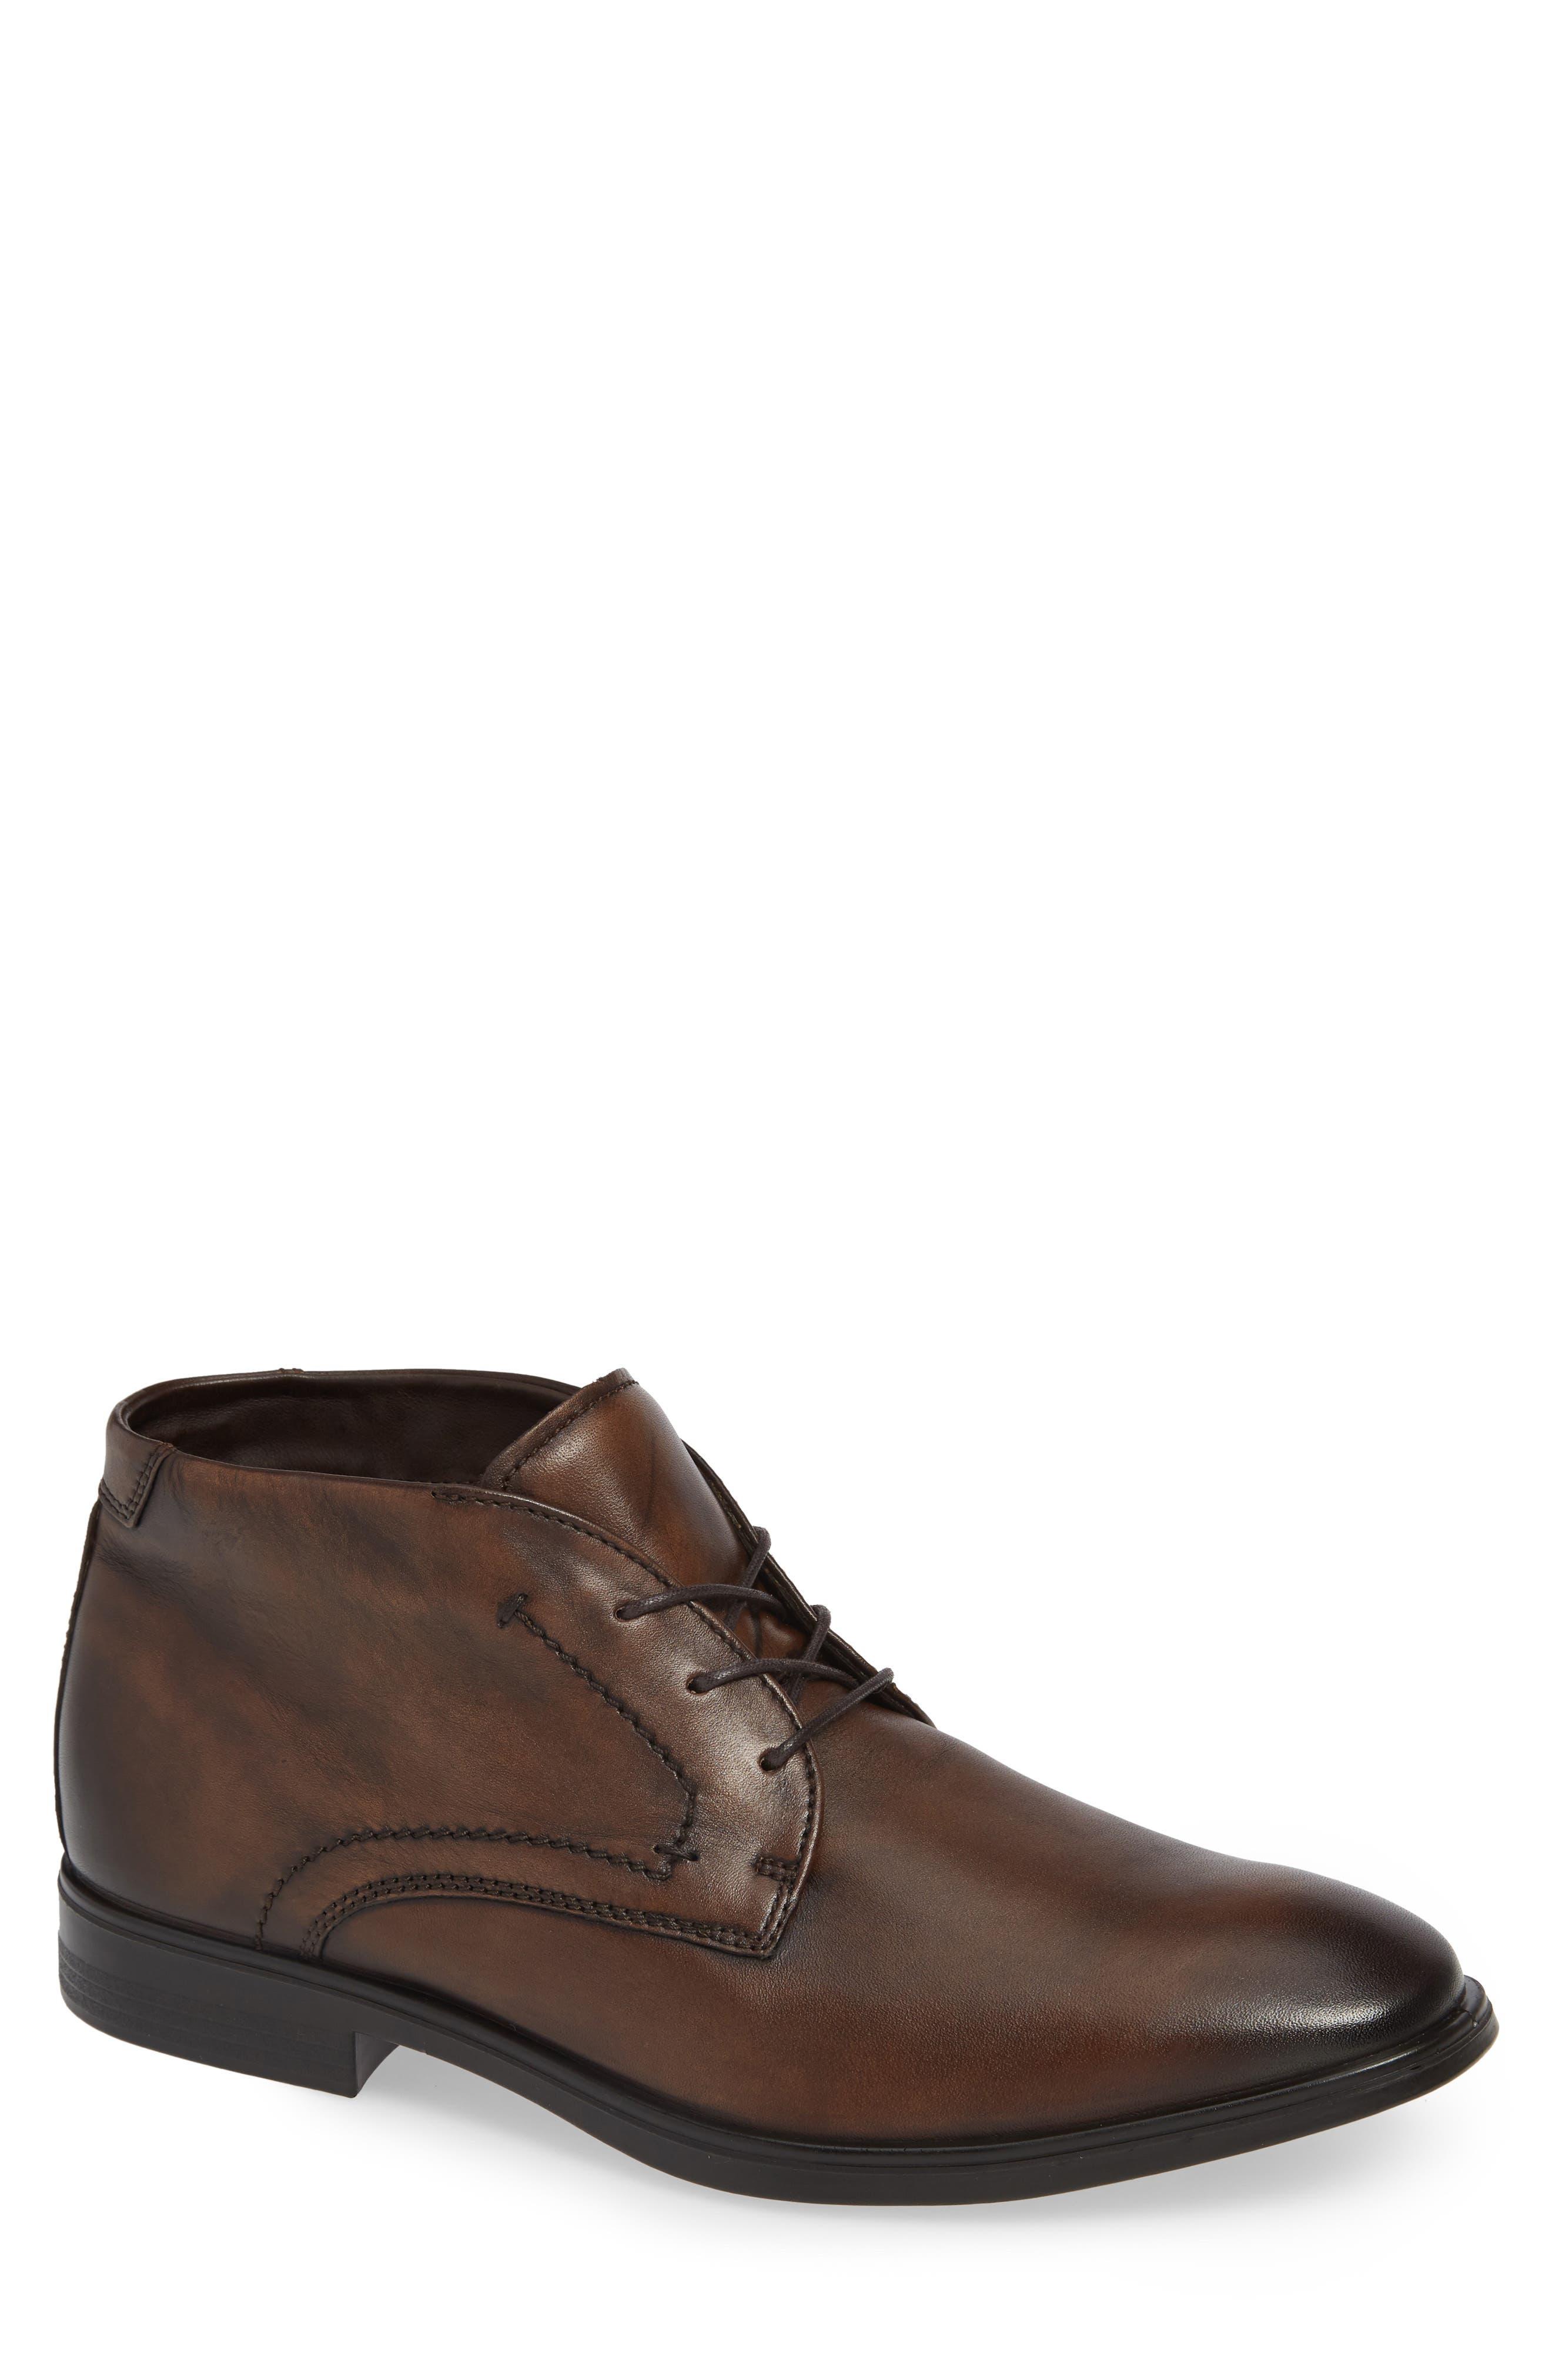 Ecco Melbourne Chukka Boot,8.5 - Brown